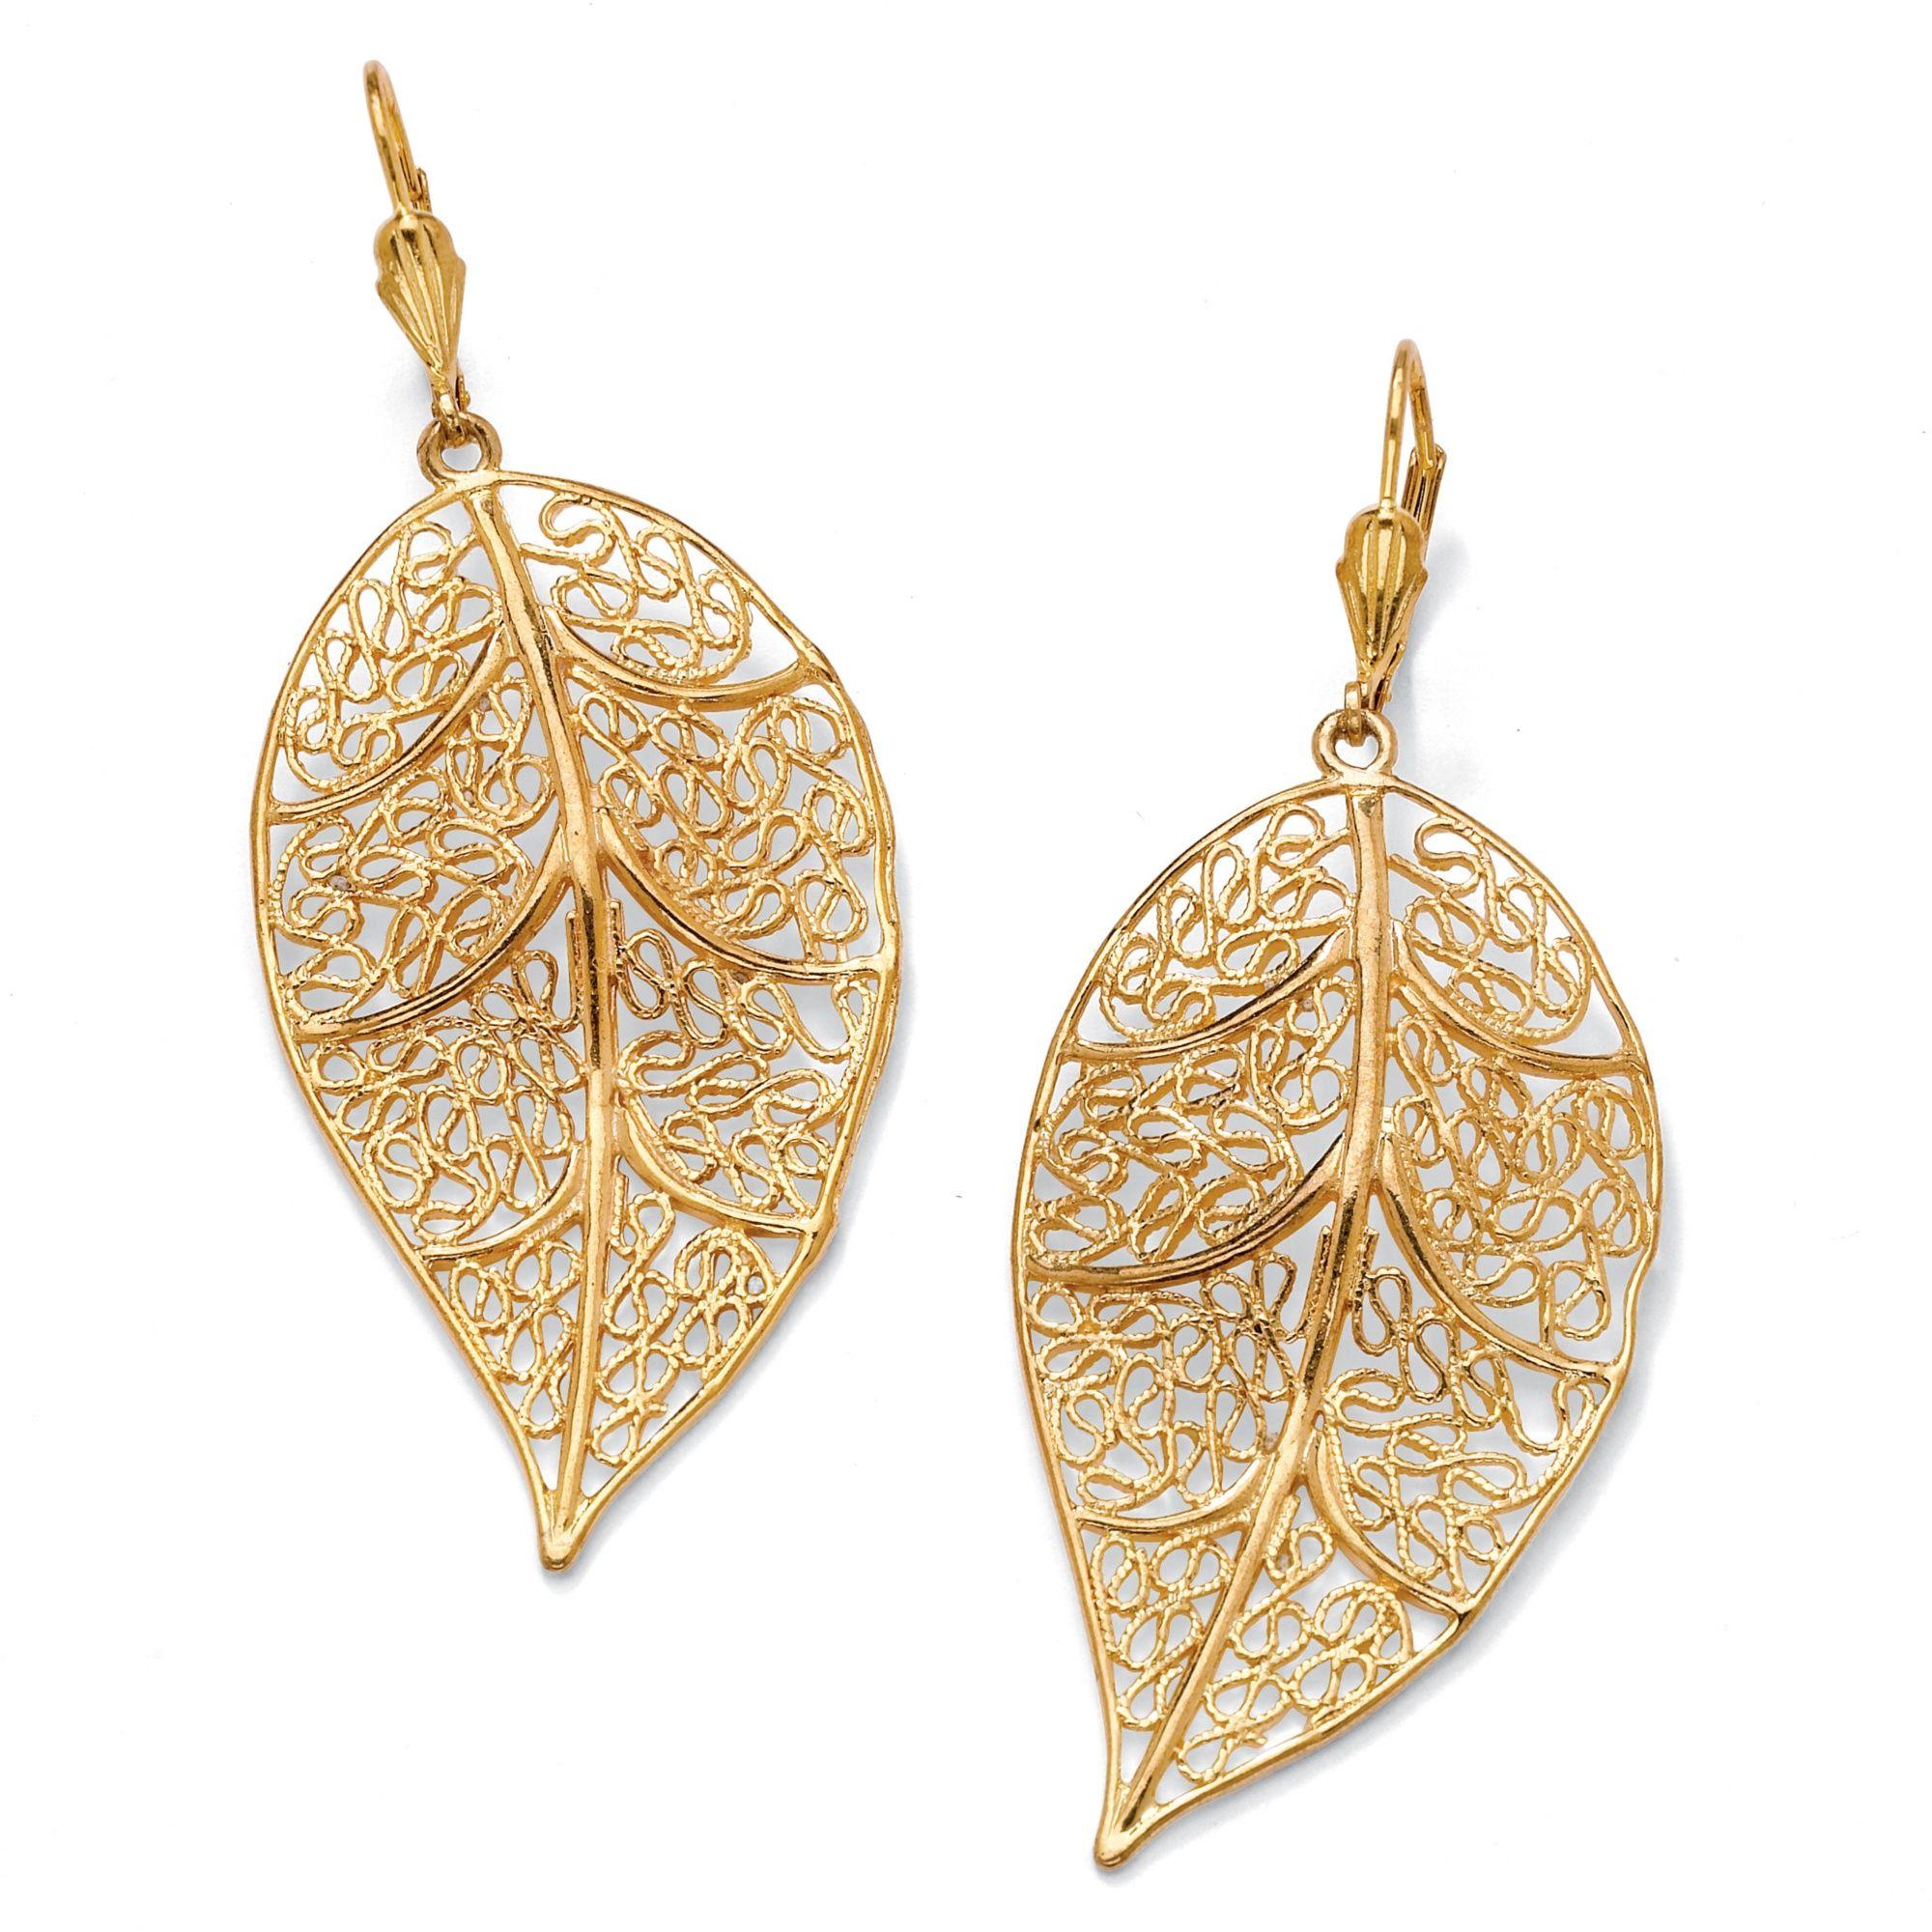 Filigree Leaf Drop Pierced Earrings in 14k GoldPlated Jewelery